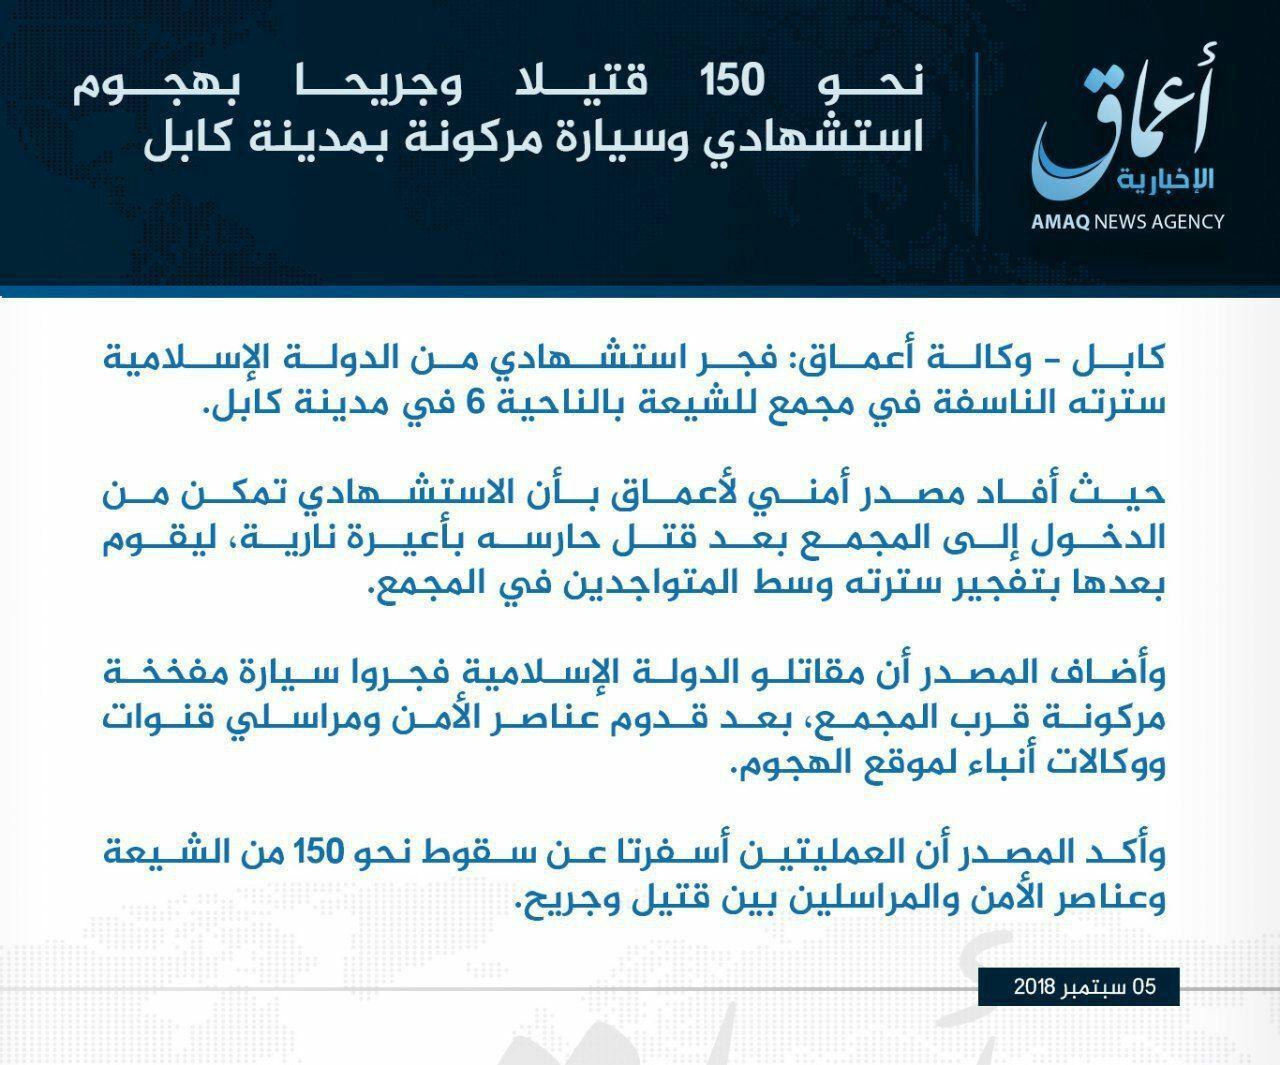 داعش 1 - تصویر/ اعلامیه داعش در پیوند به حملات انتحاری کابل